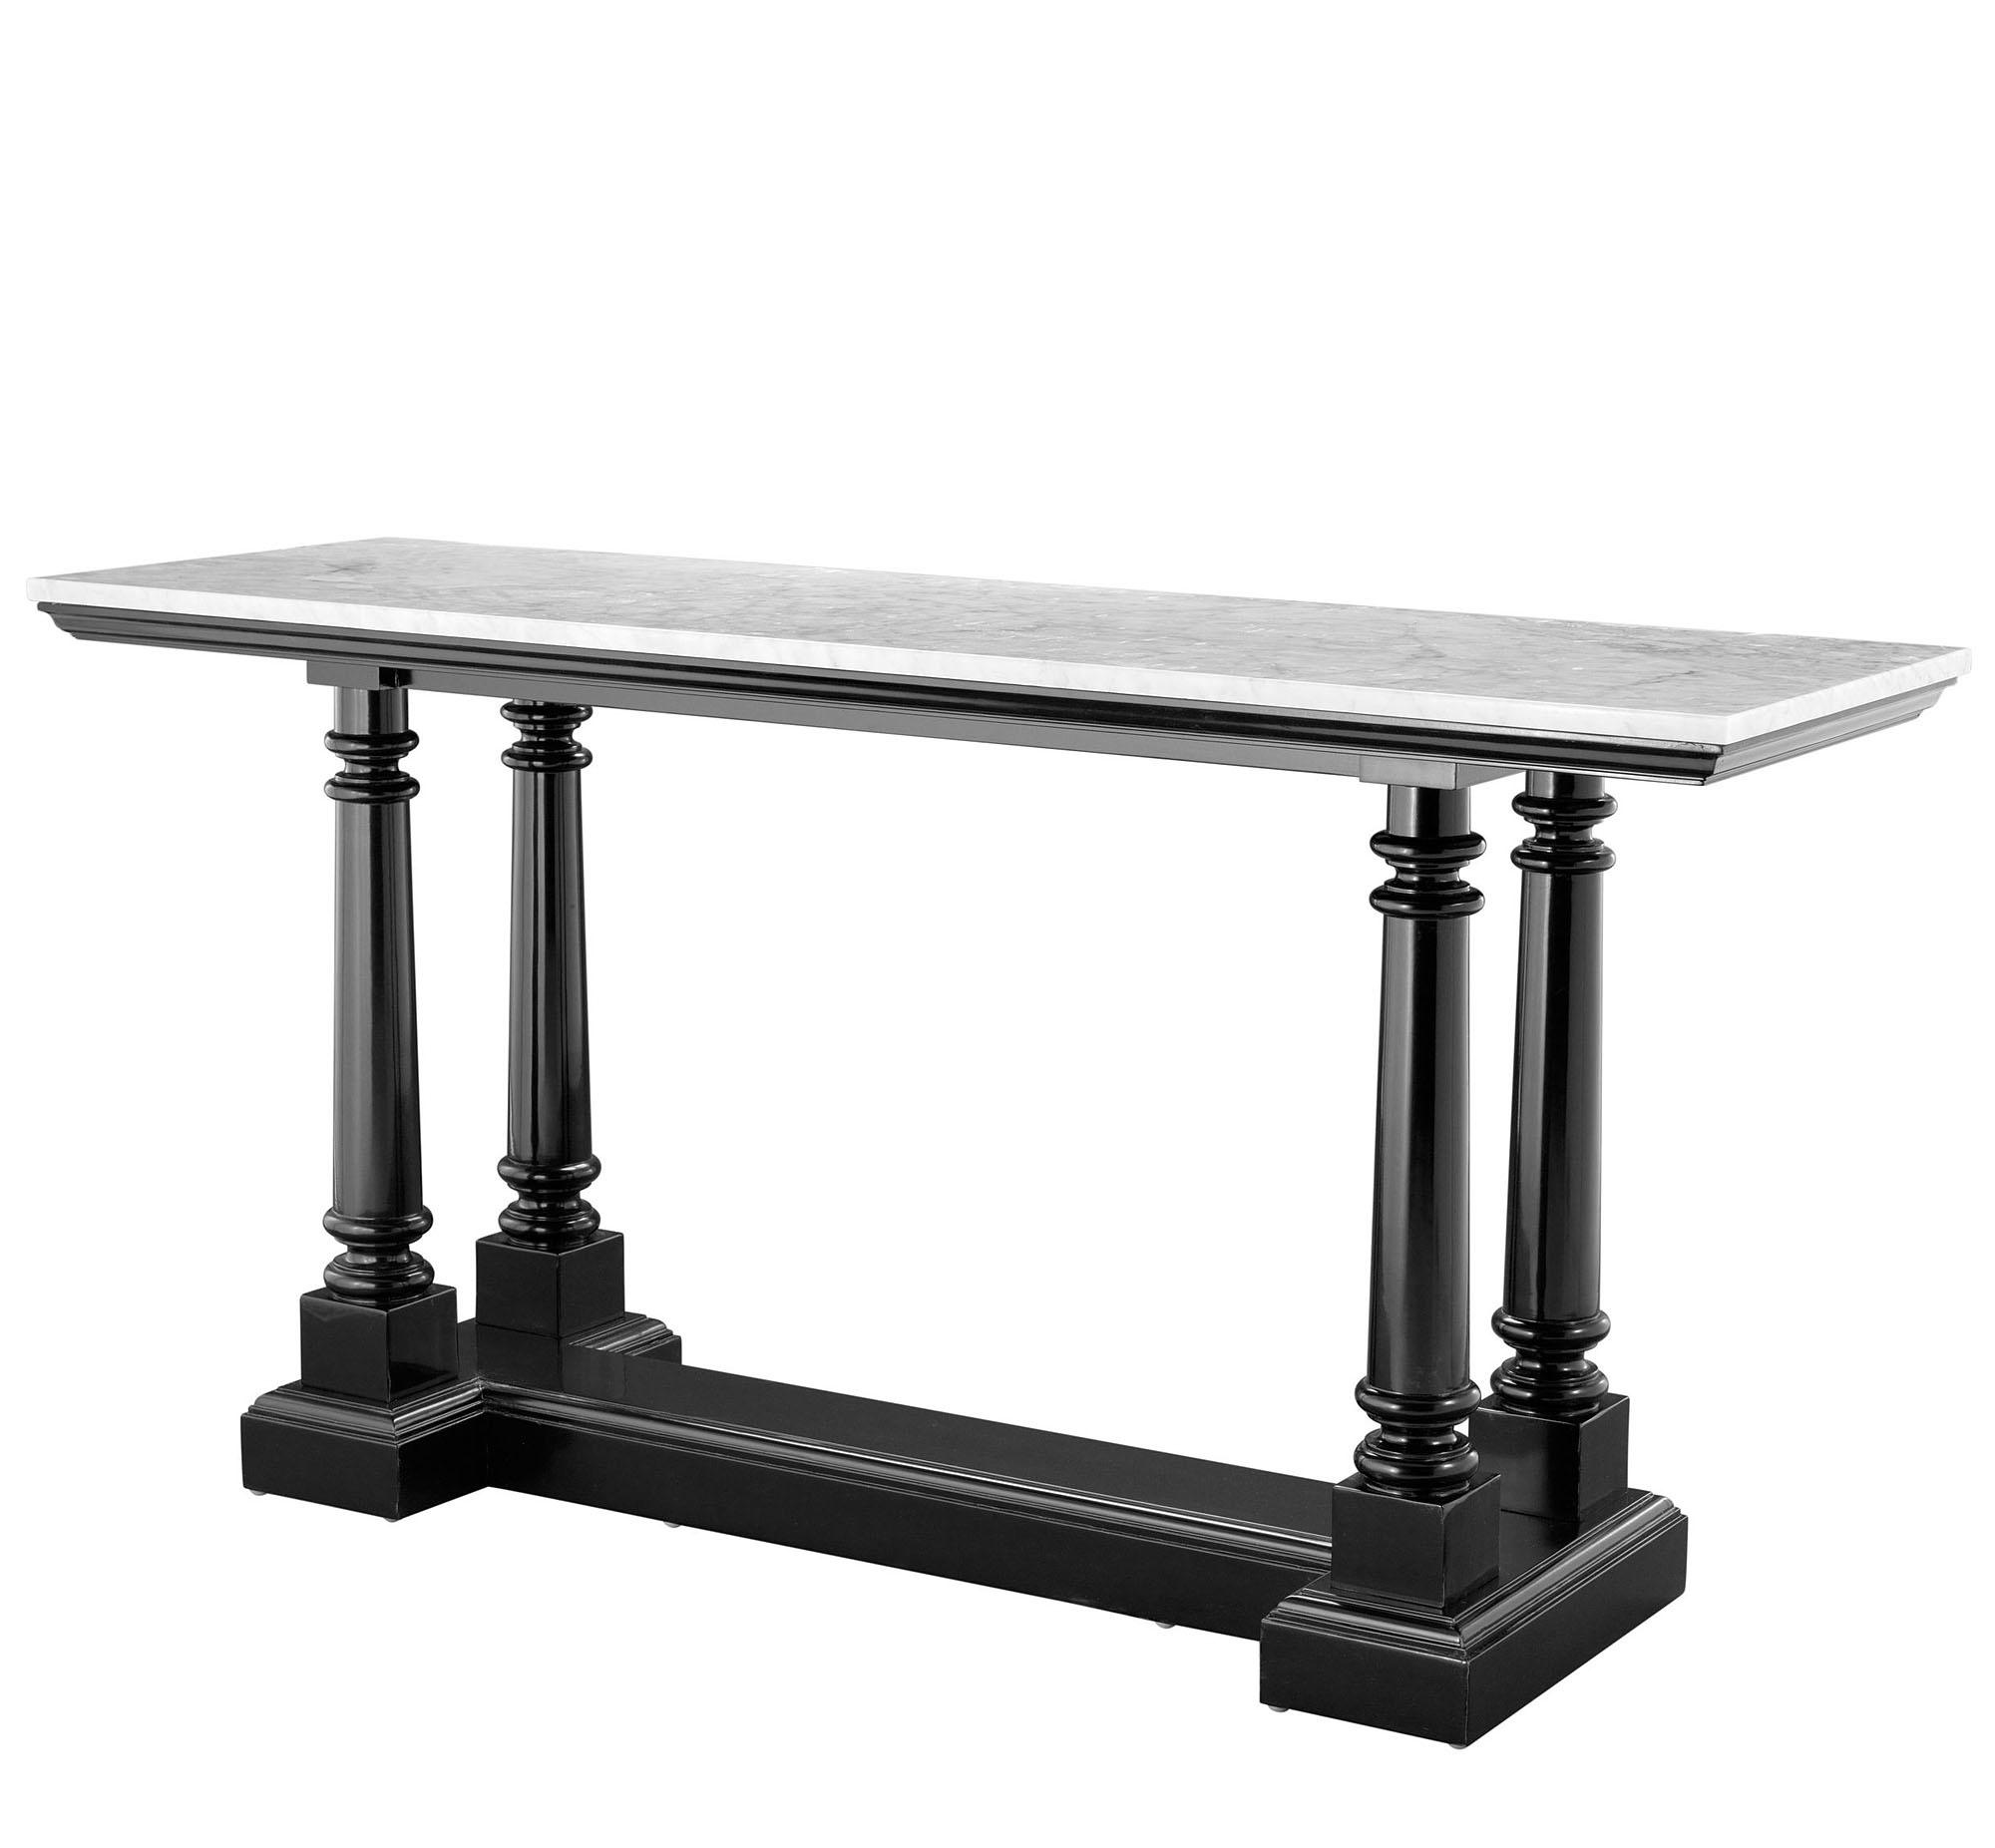 Zwarte Klassieke Sidetable.Eichholtz Side Table Modern Klassieke Zwart Wit Grijs